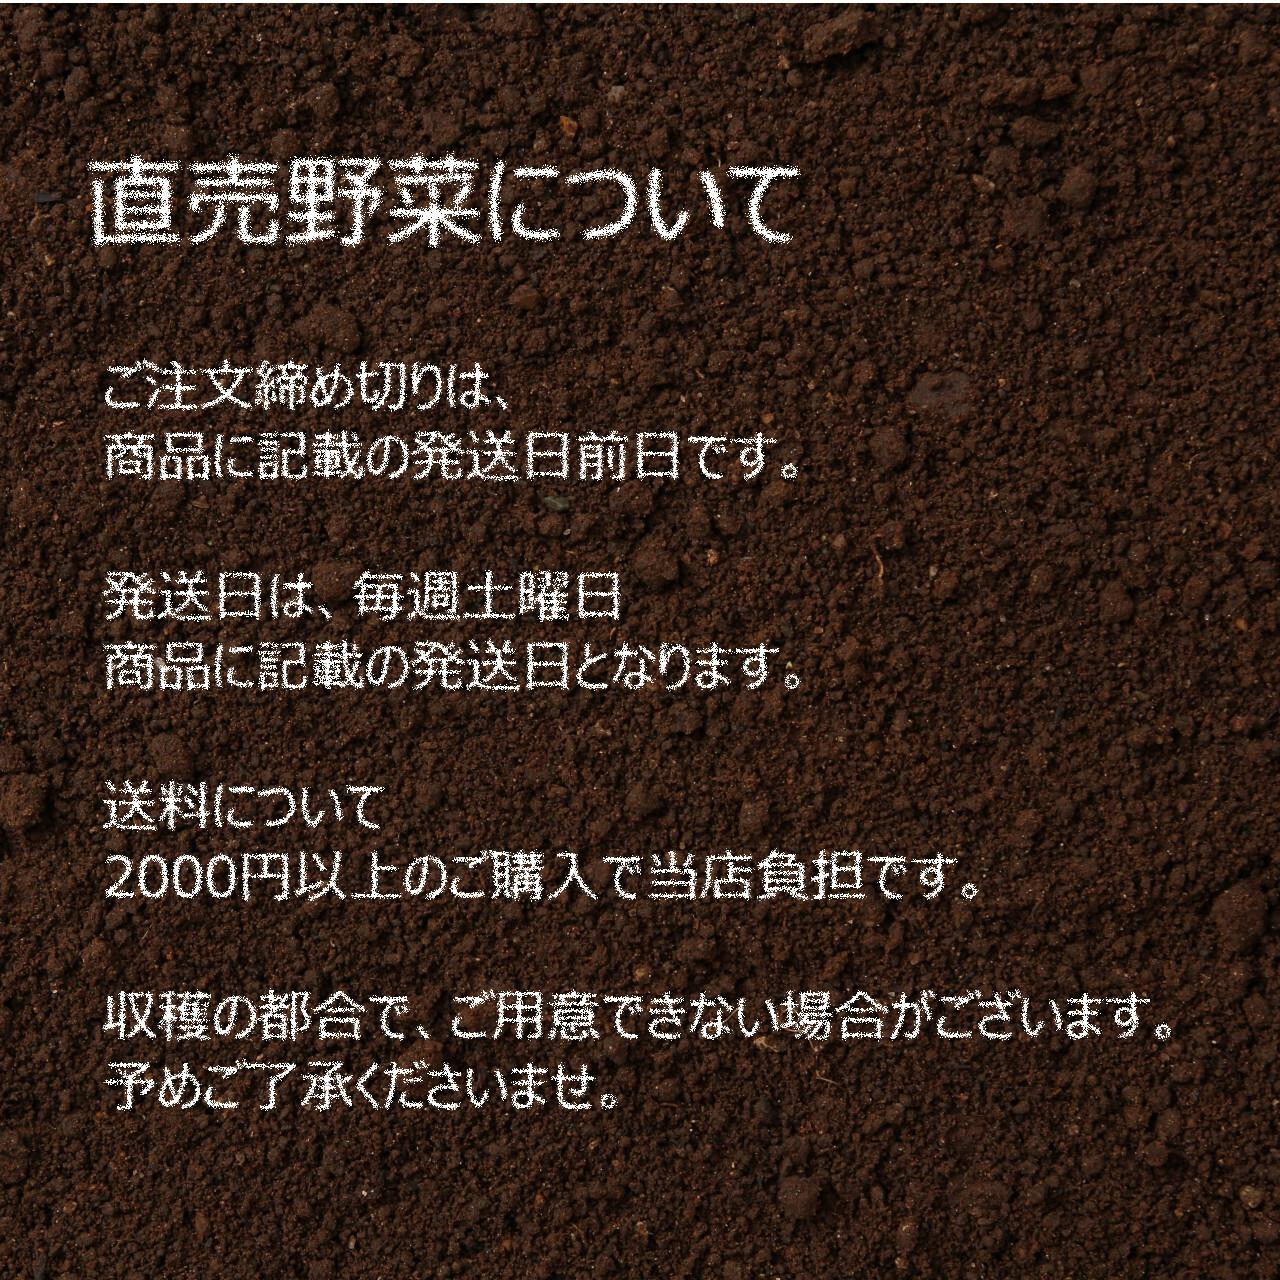 10月の朝採り直売野菜 : 大根 約 1本  新鮮な秋野菜 10月31日発送予定